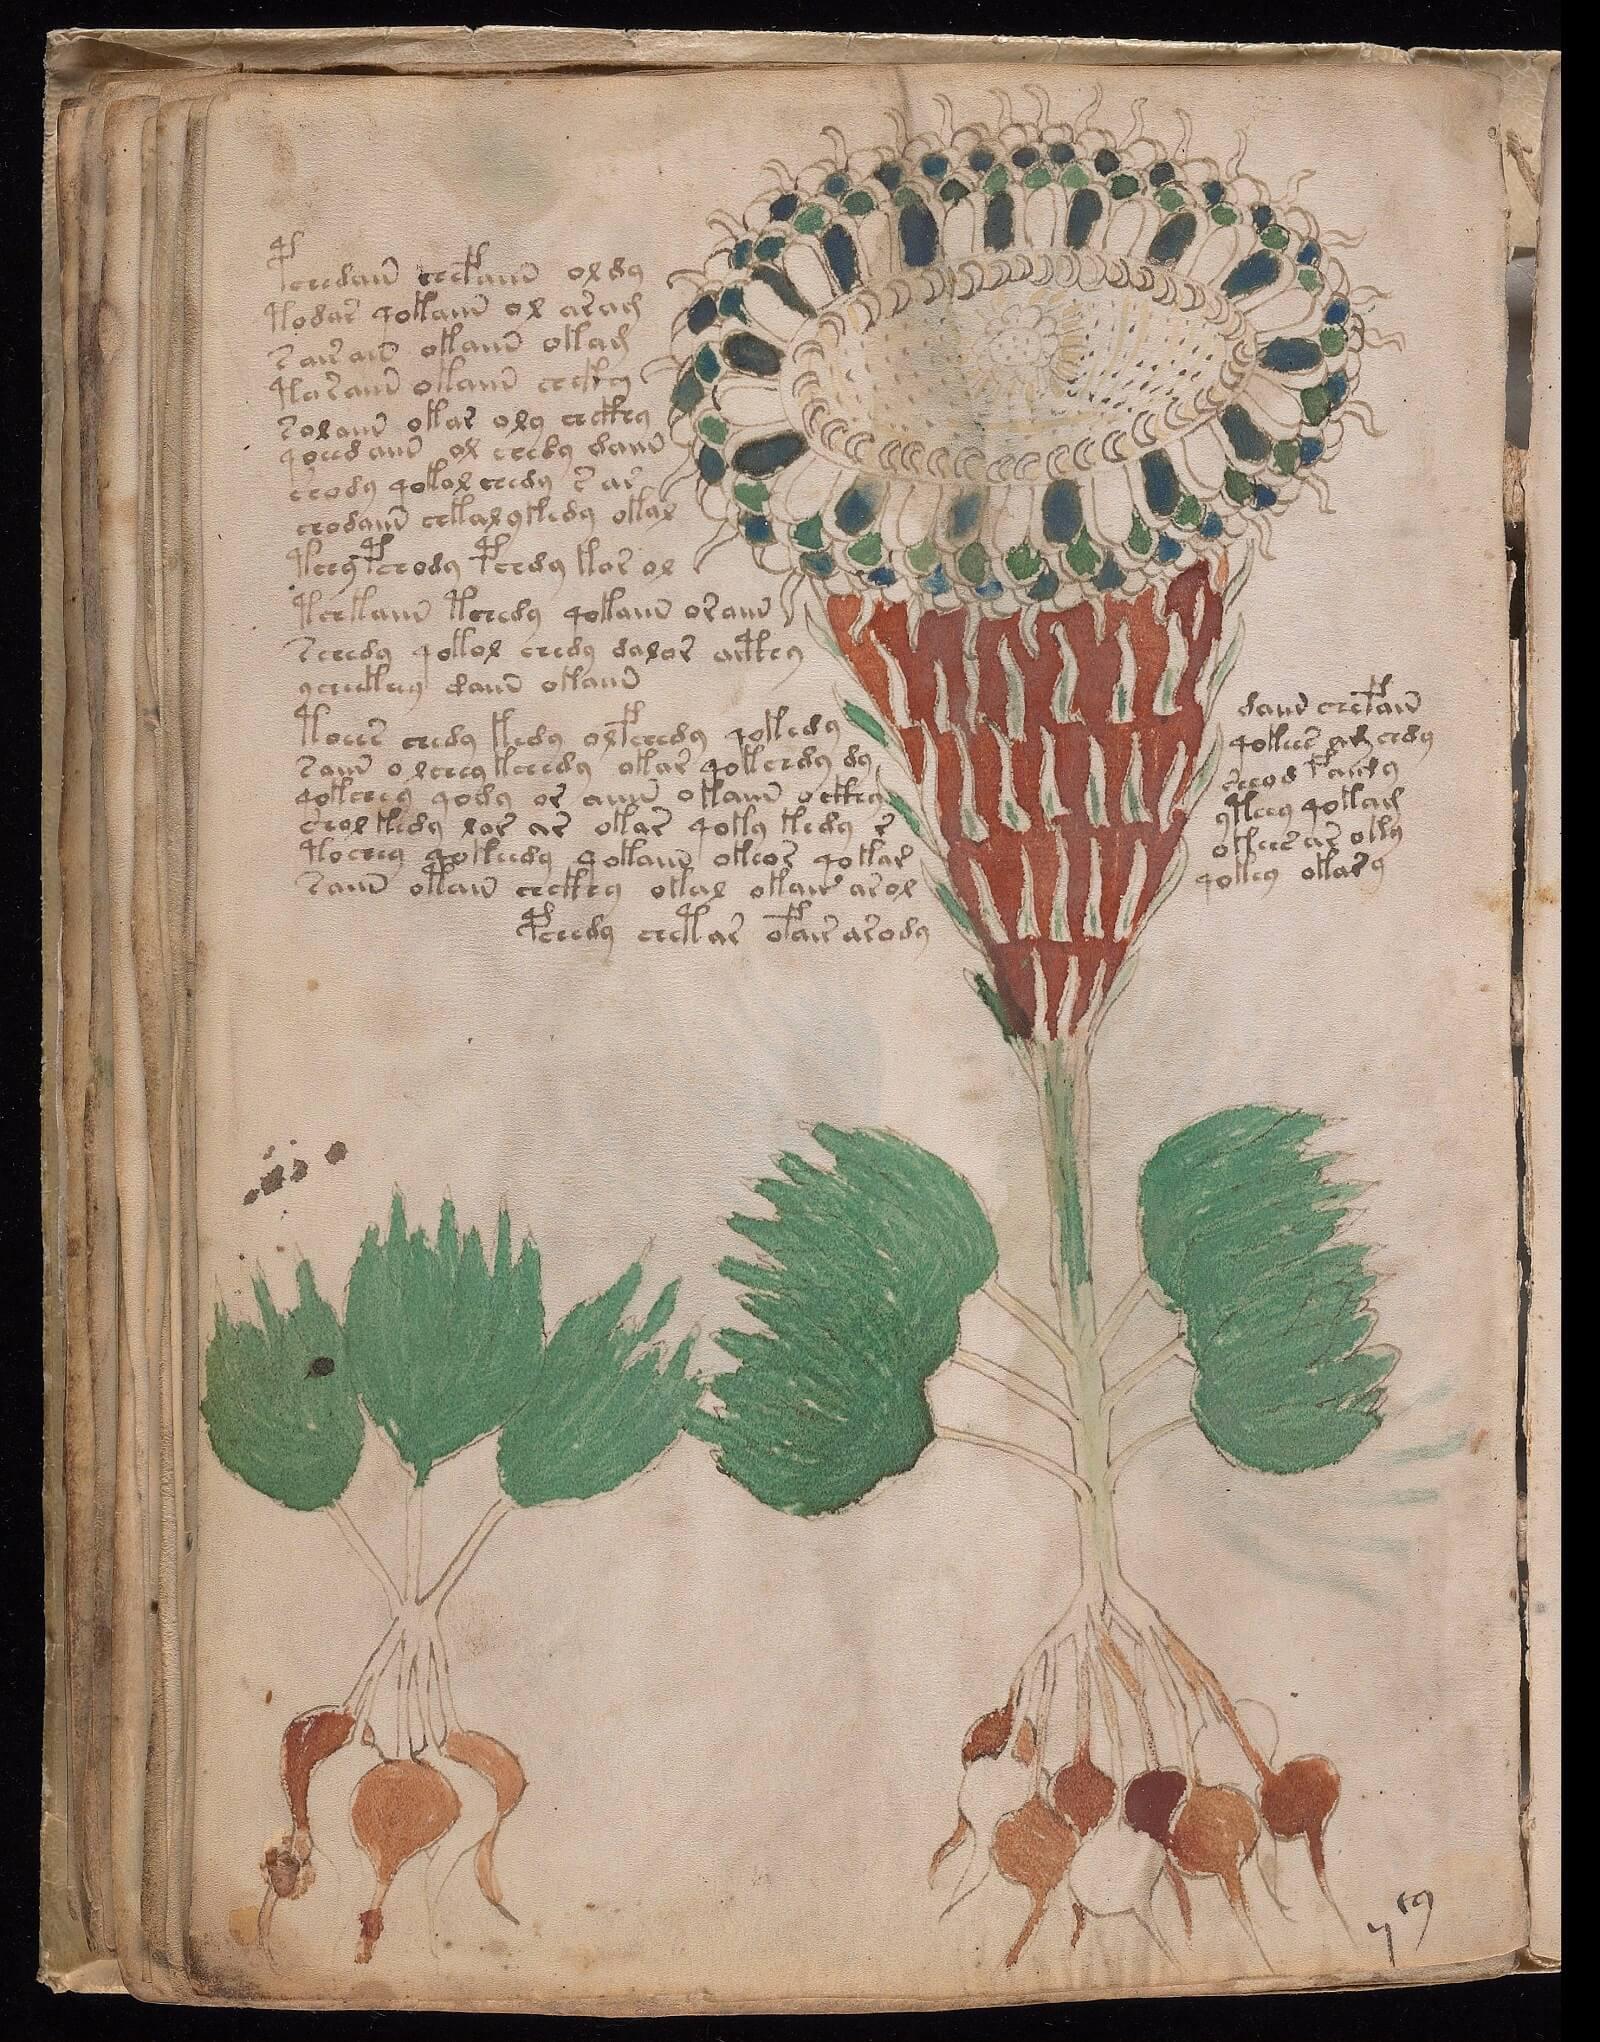 Manoscritto Voynich: foglio 40v, Yale University Library